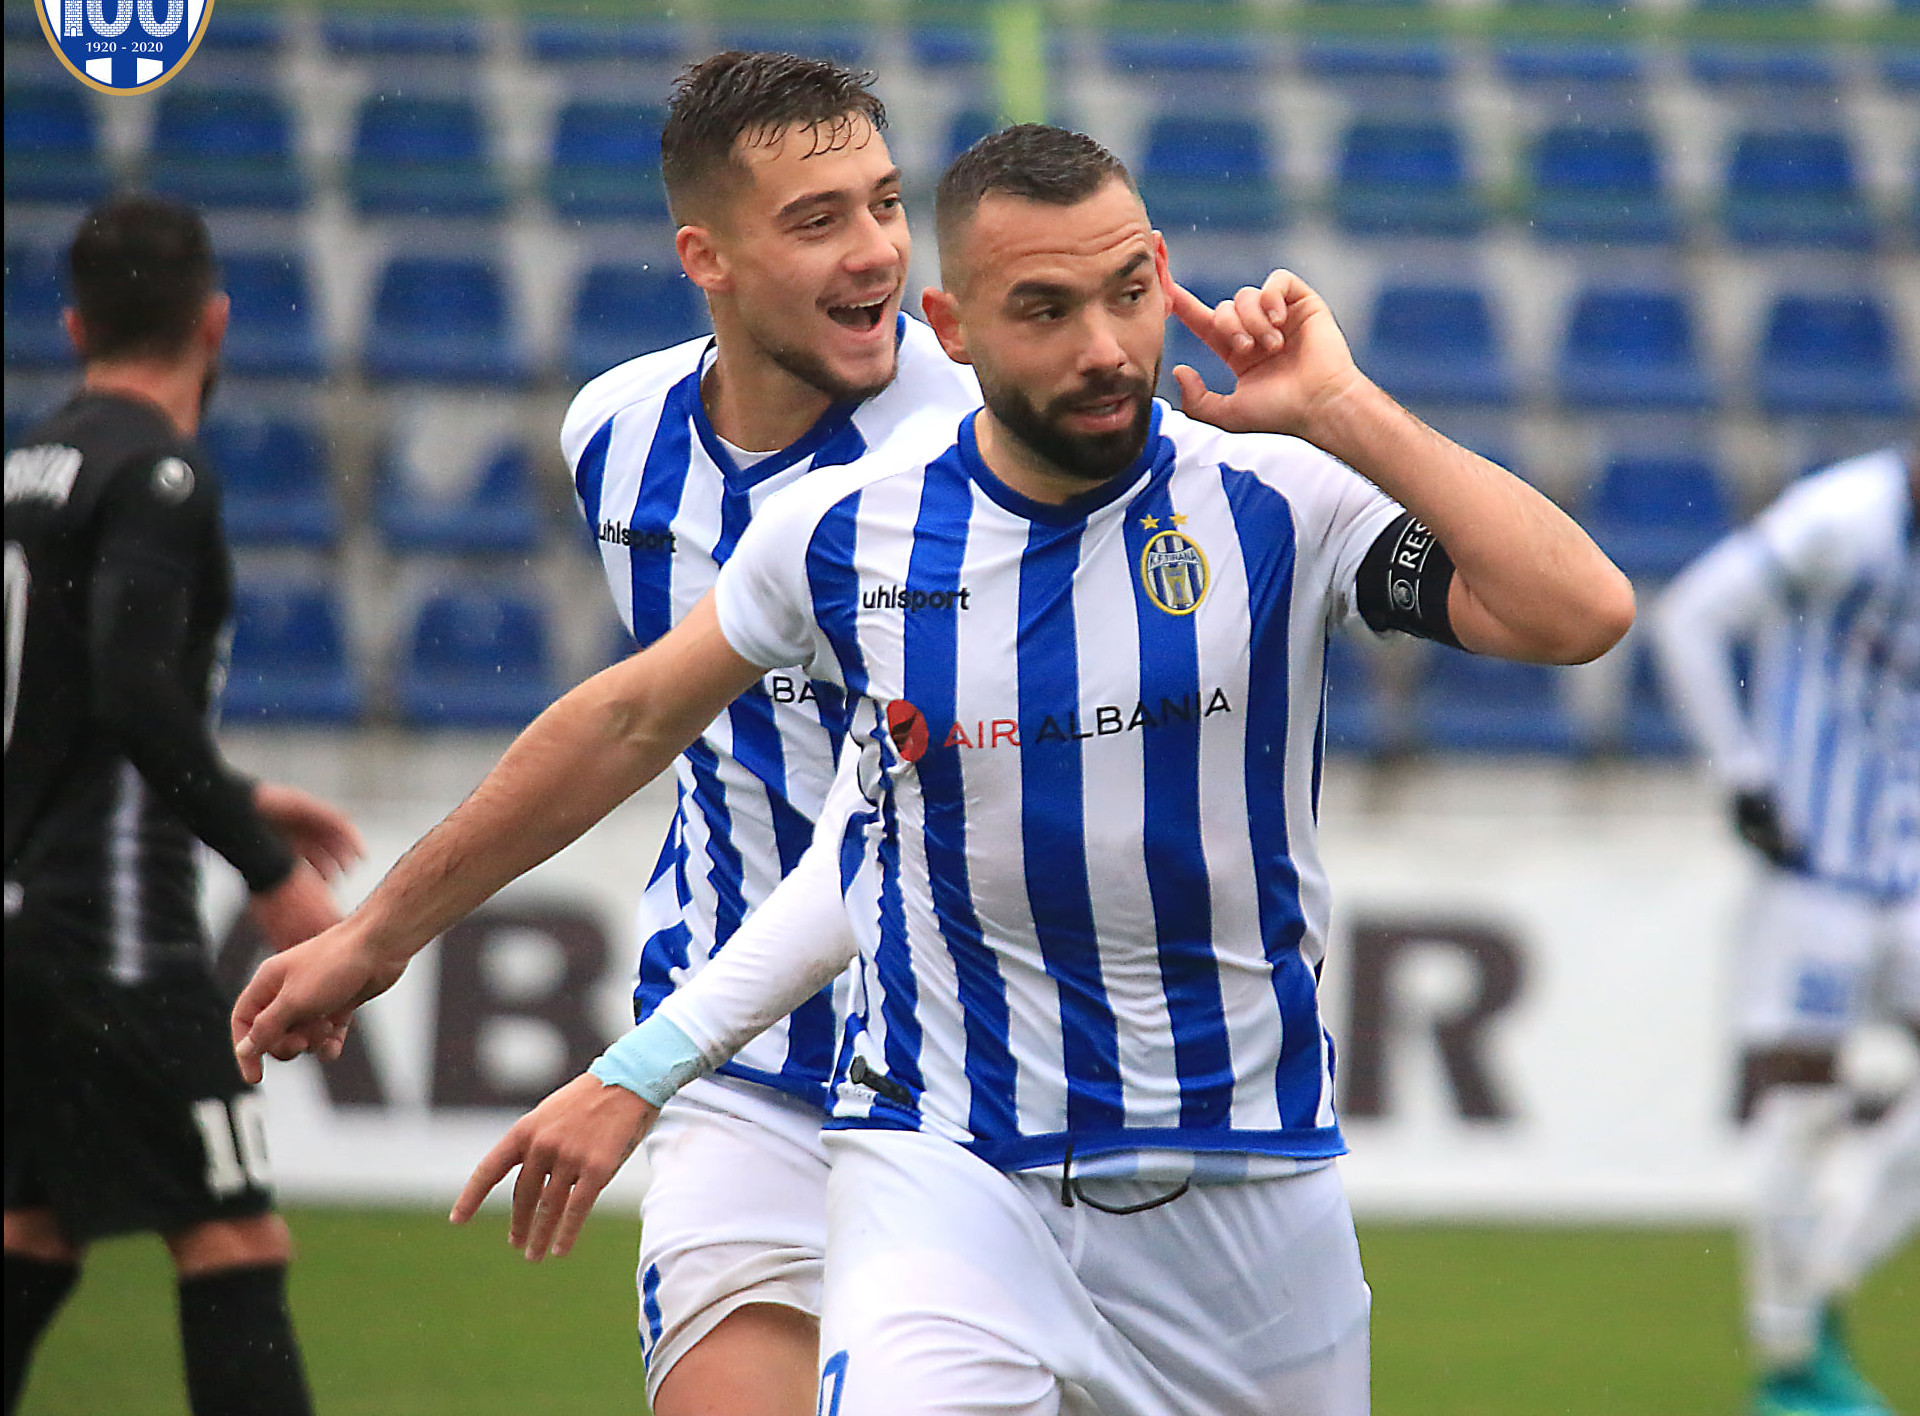 Batha Tirana-Laci